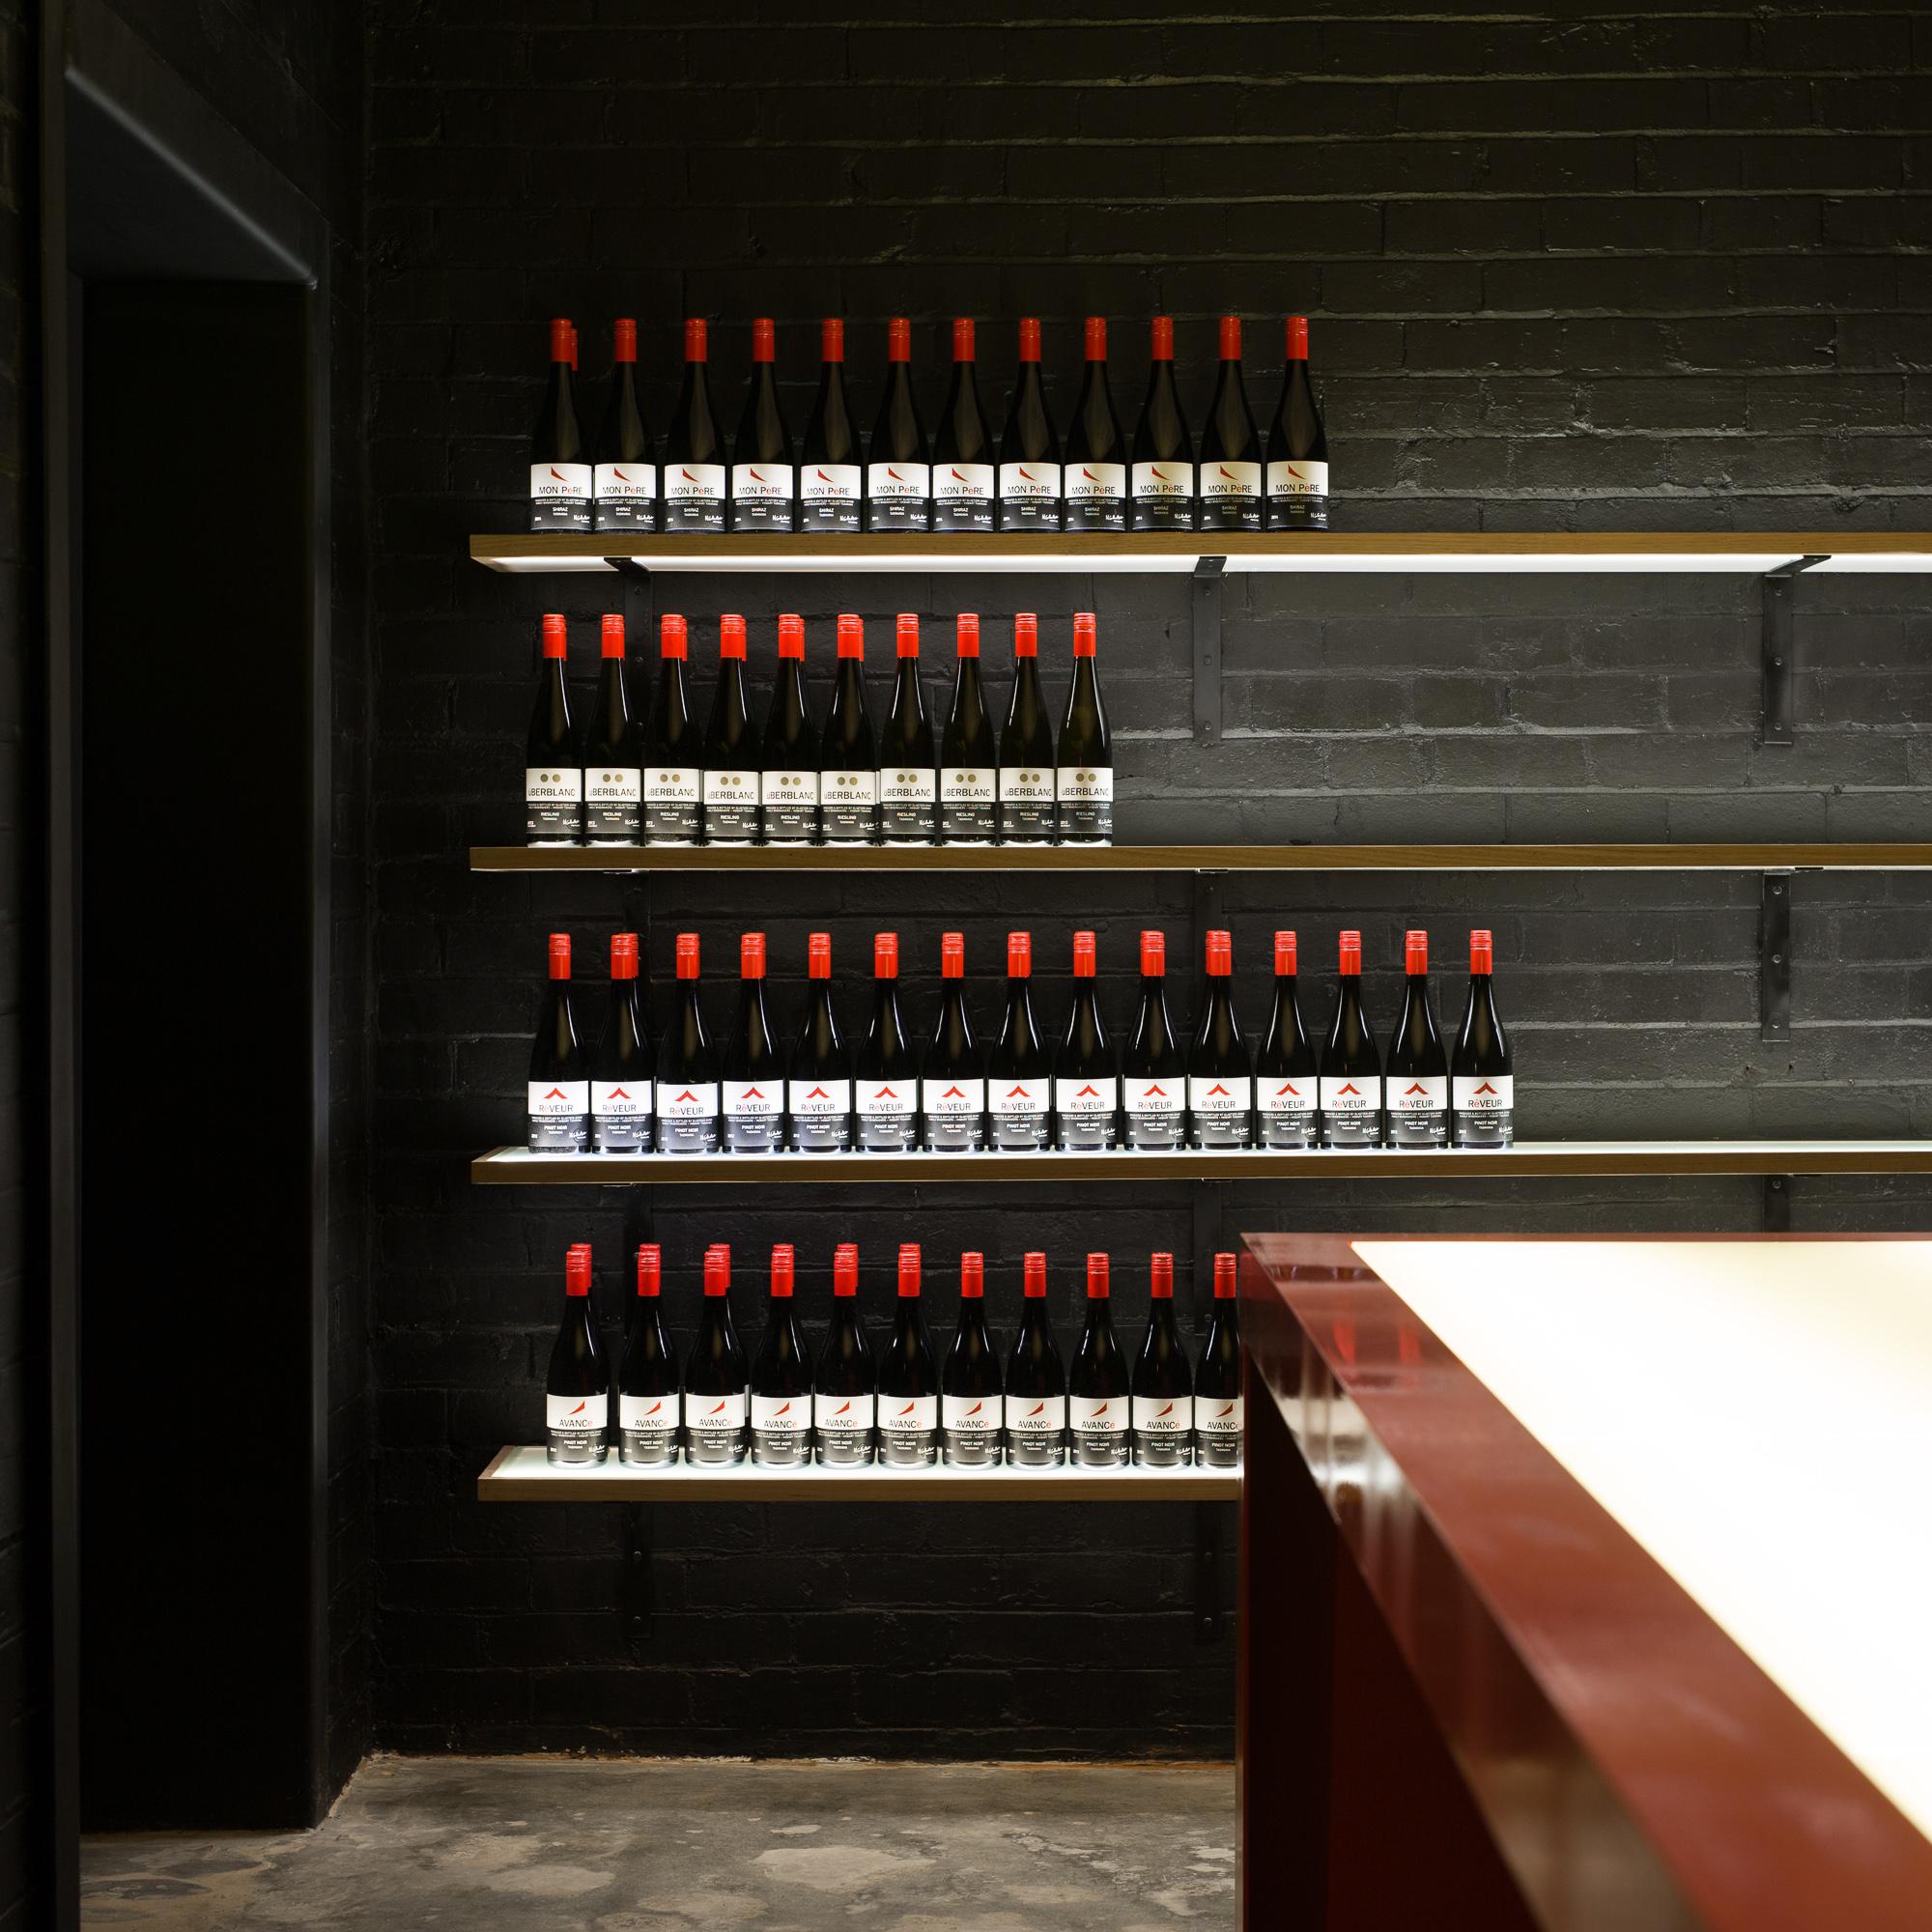 wine-shelves-square.jpg